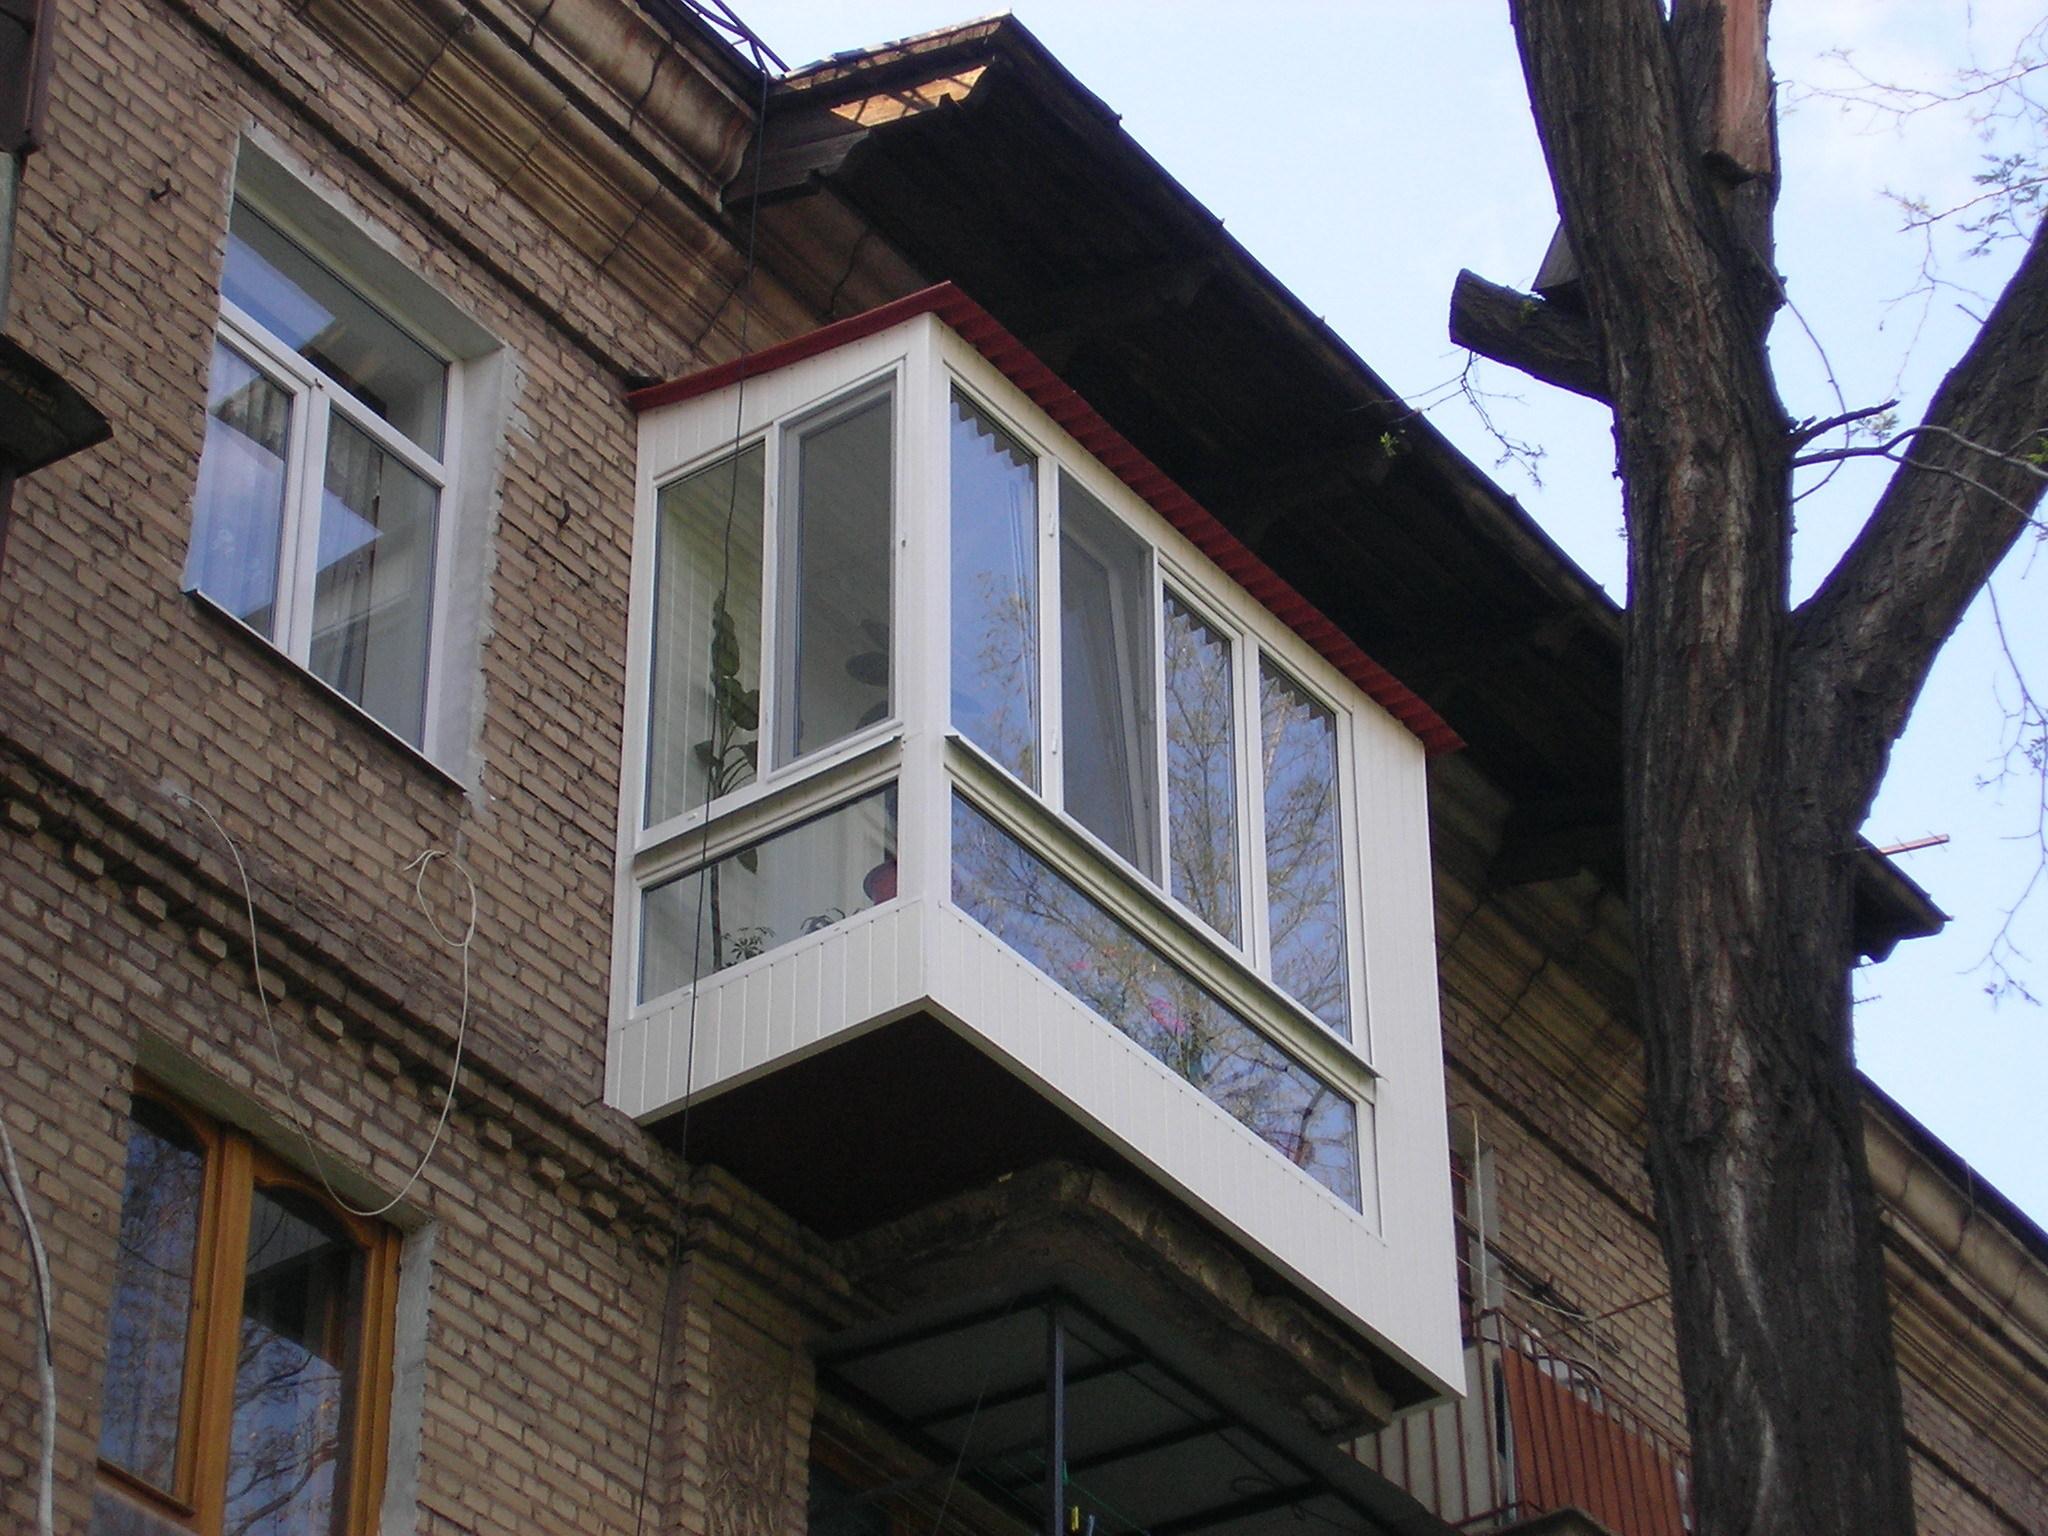 Остекление, производство окон в самаре - гипсокартон, смл, г.